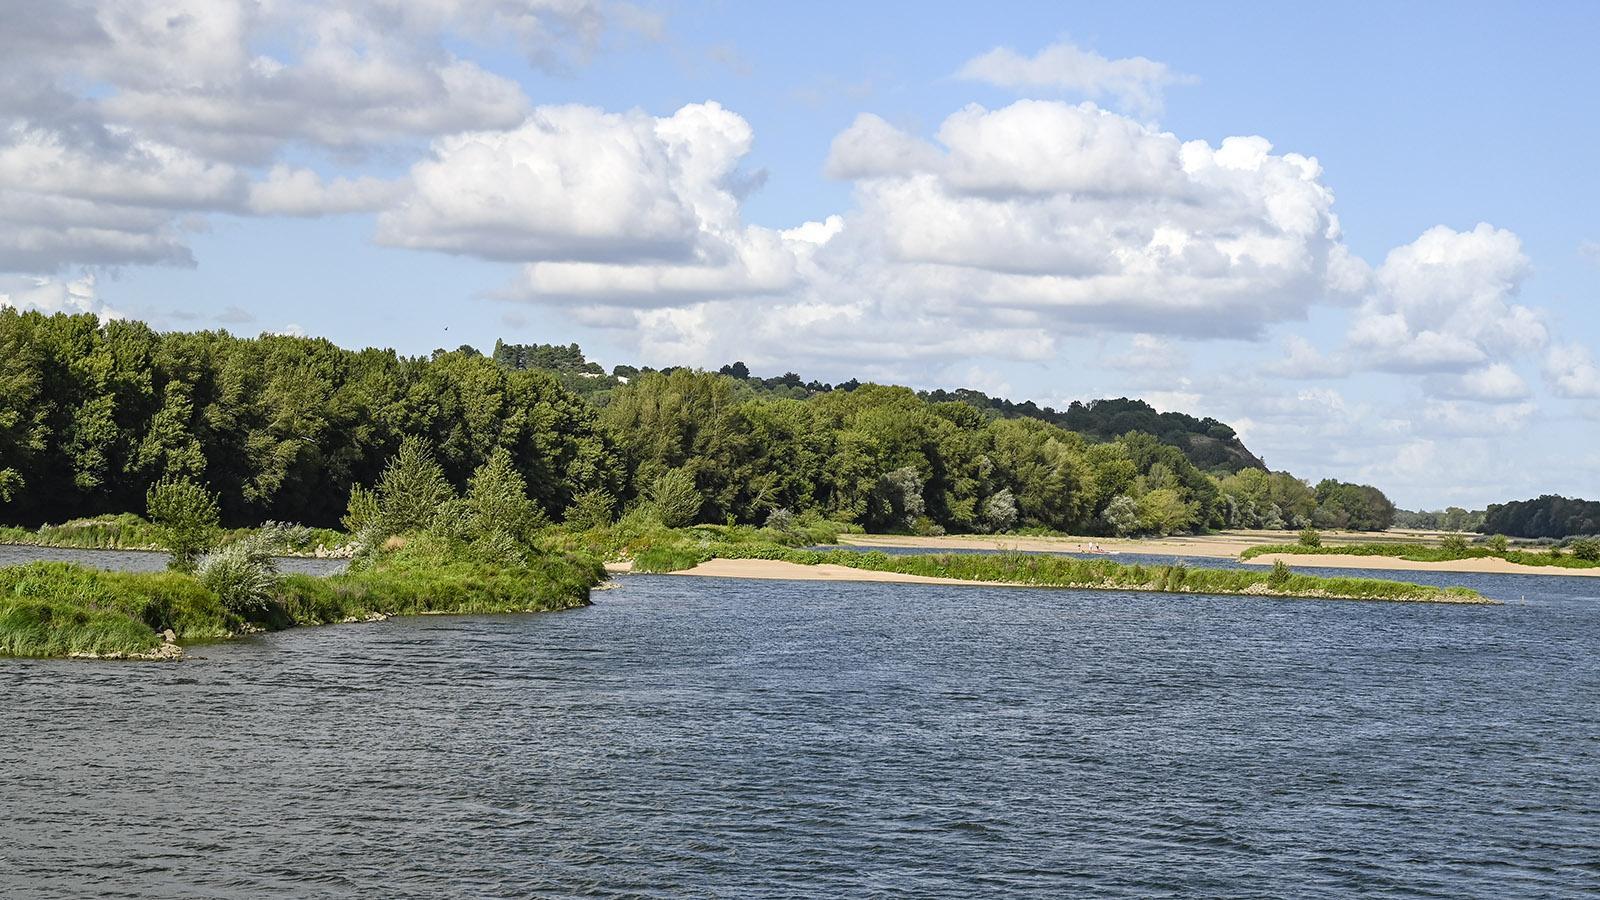 Gefahr beim Navigieren: die Sandbänke der Loire. Foto: Hilke Maunder